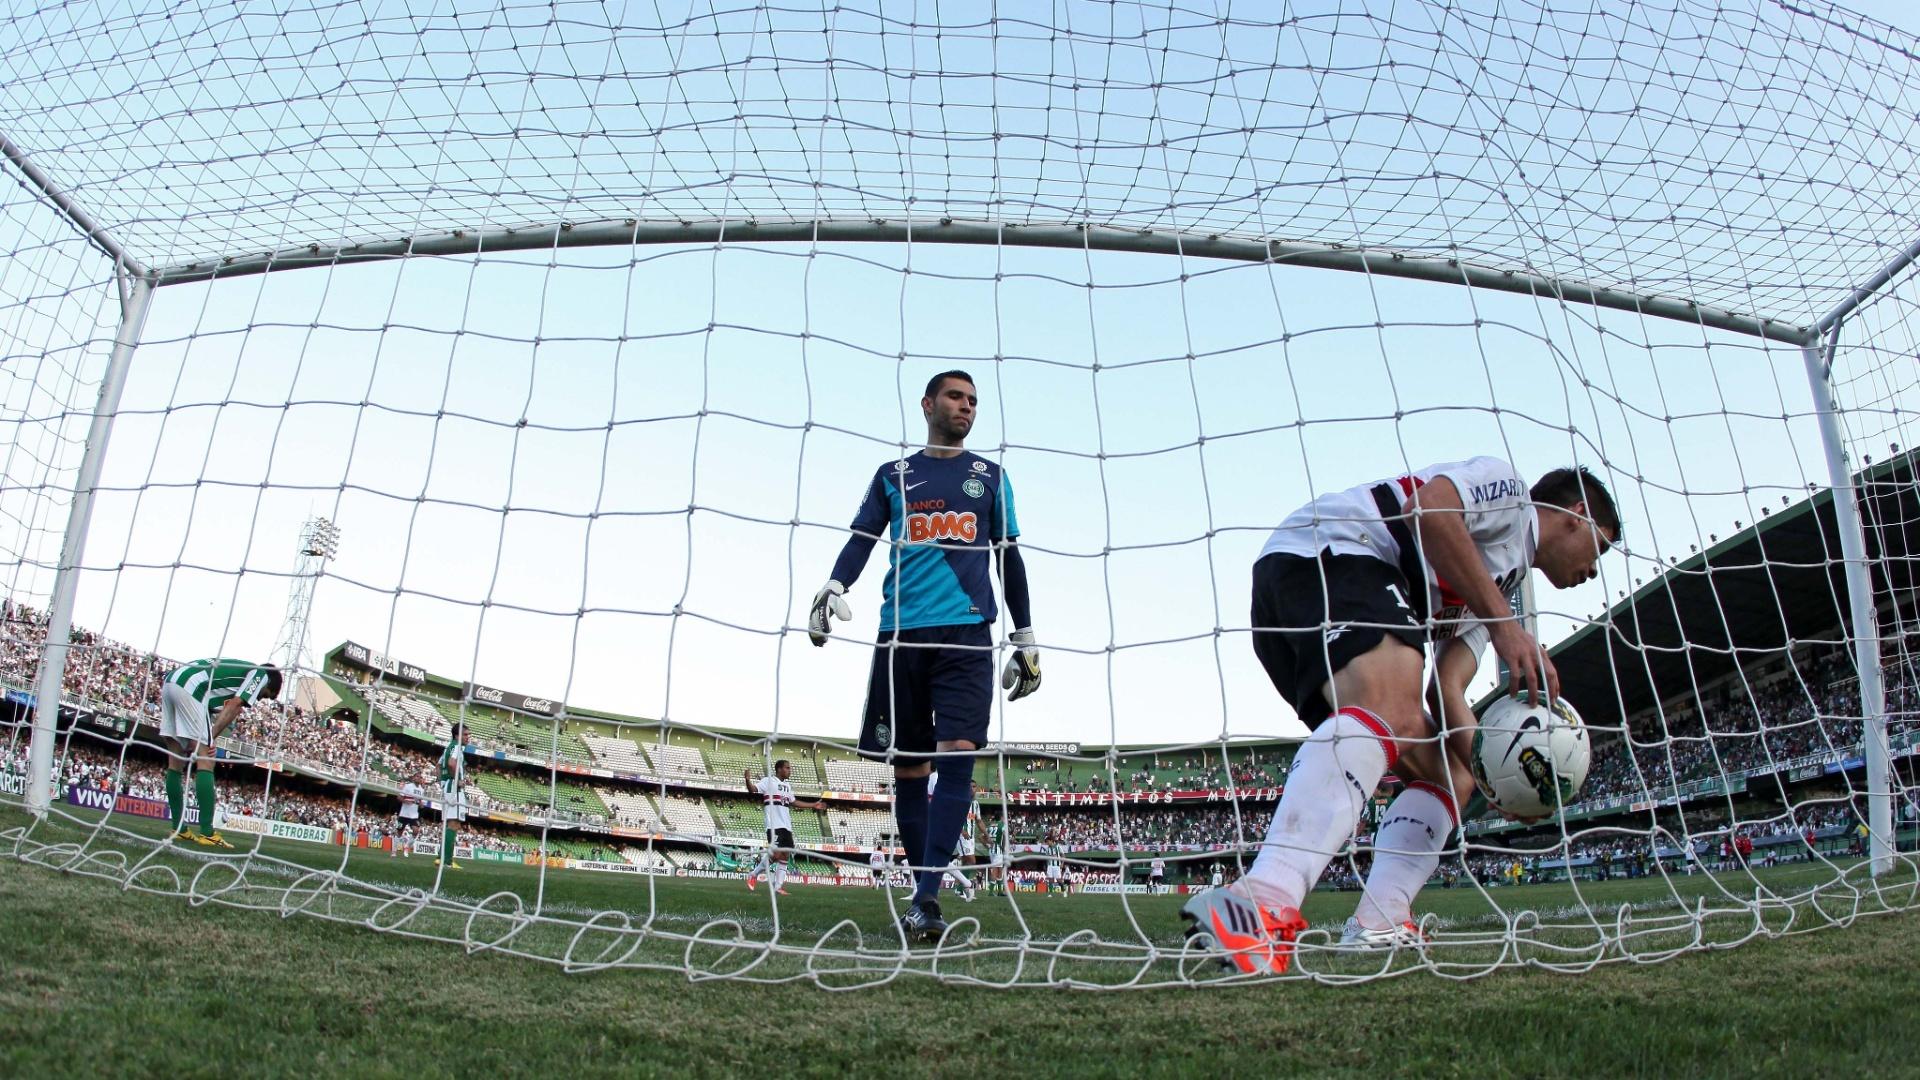 Osvaldo pega a bola no fundo da rede após empatar o jogo do São Paulo contra o Coritiba no Couto Pereira